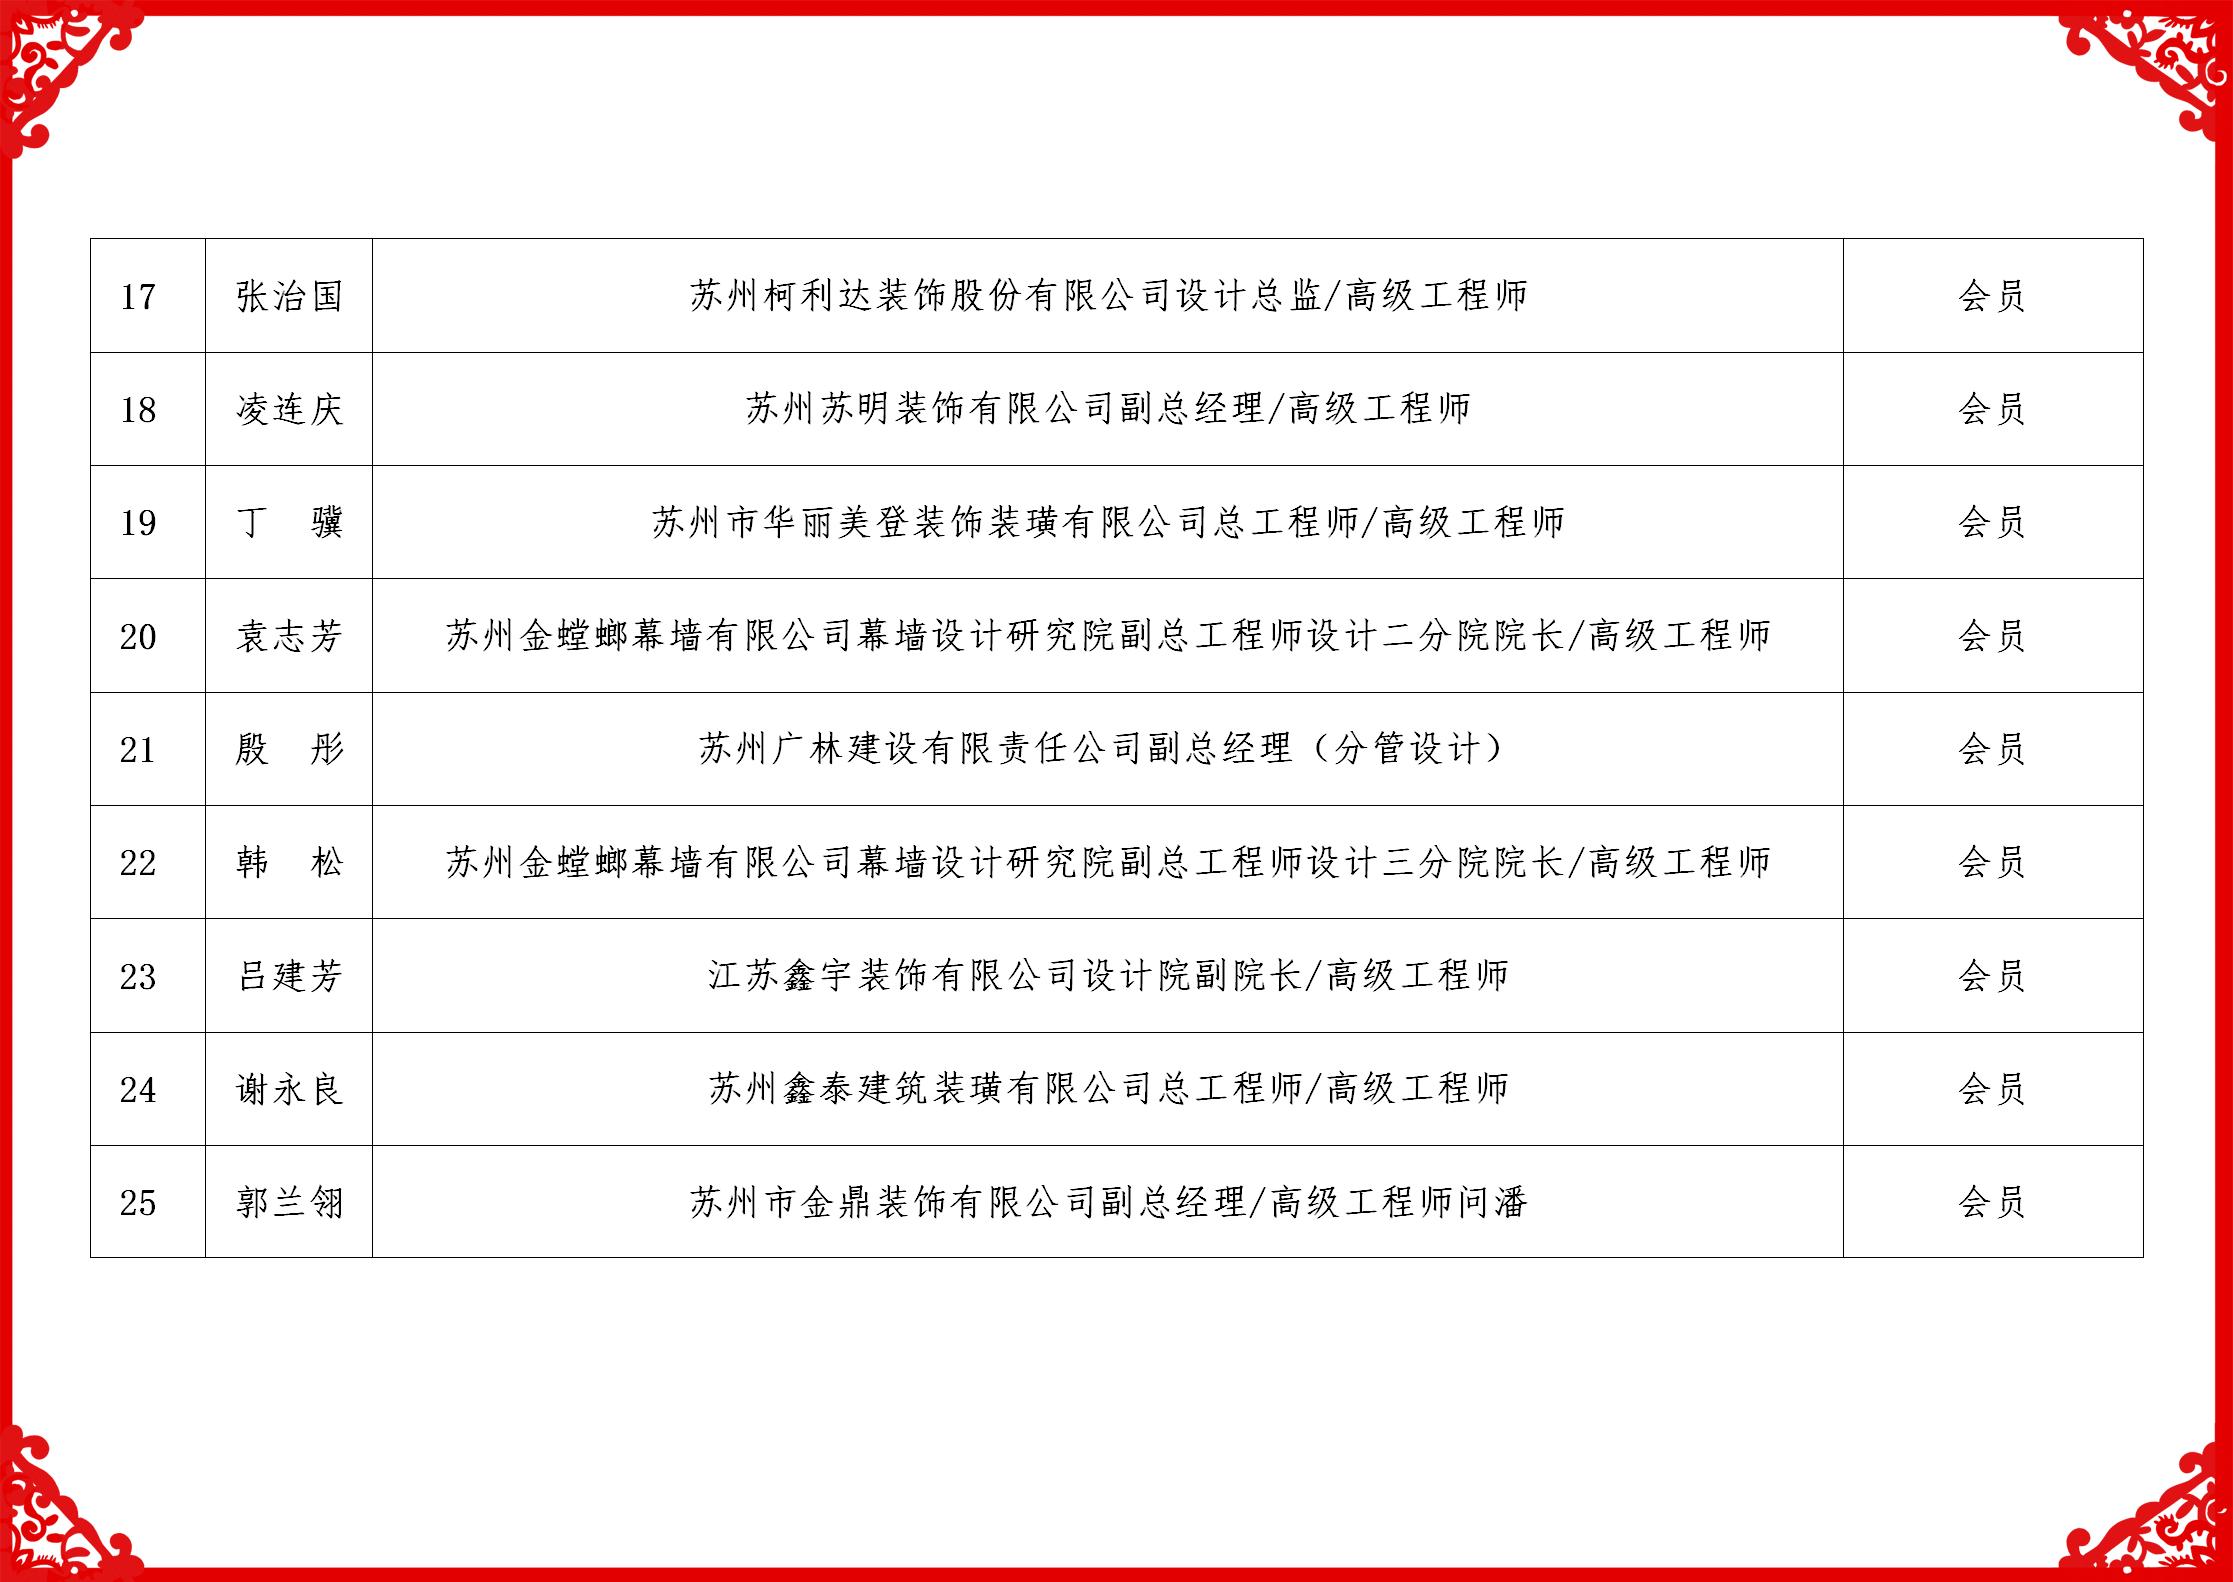 2019科技委名单_03